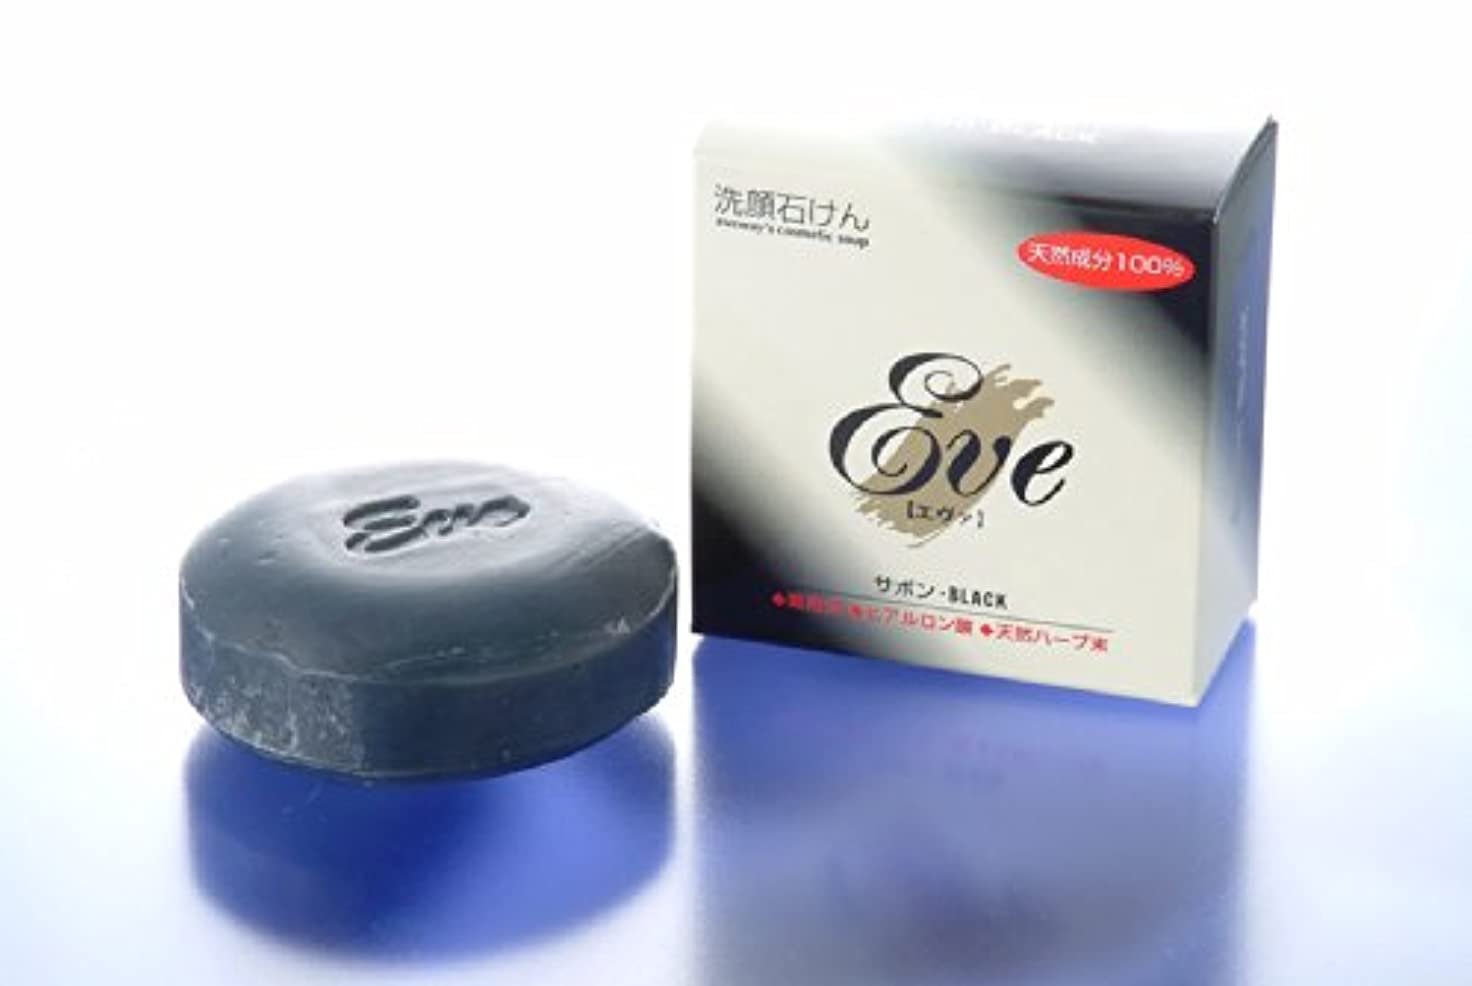 洗顔 化粧石鹸 サボンブラック 5個セット クレンジングの要らない石鹸です。